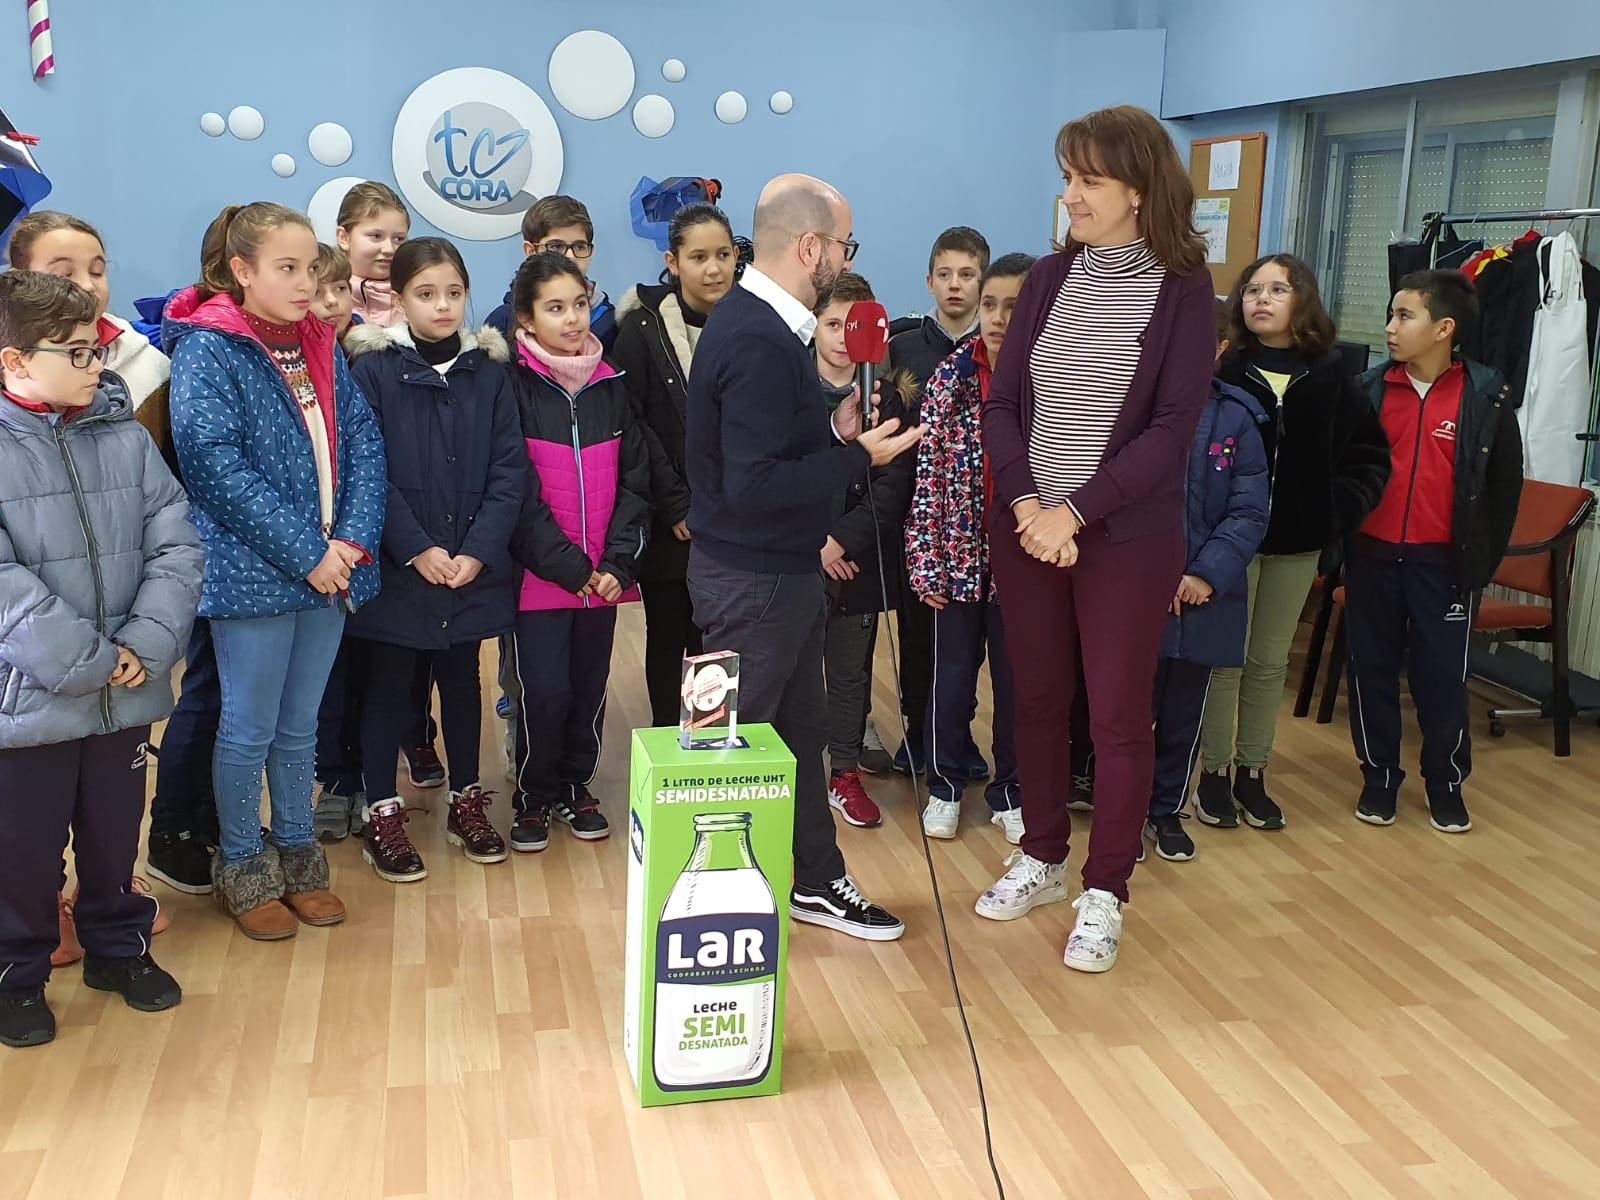 Nuestro Colegio Claret de Zamora recibe un premio de la TV de Castilla y León